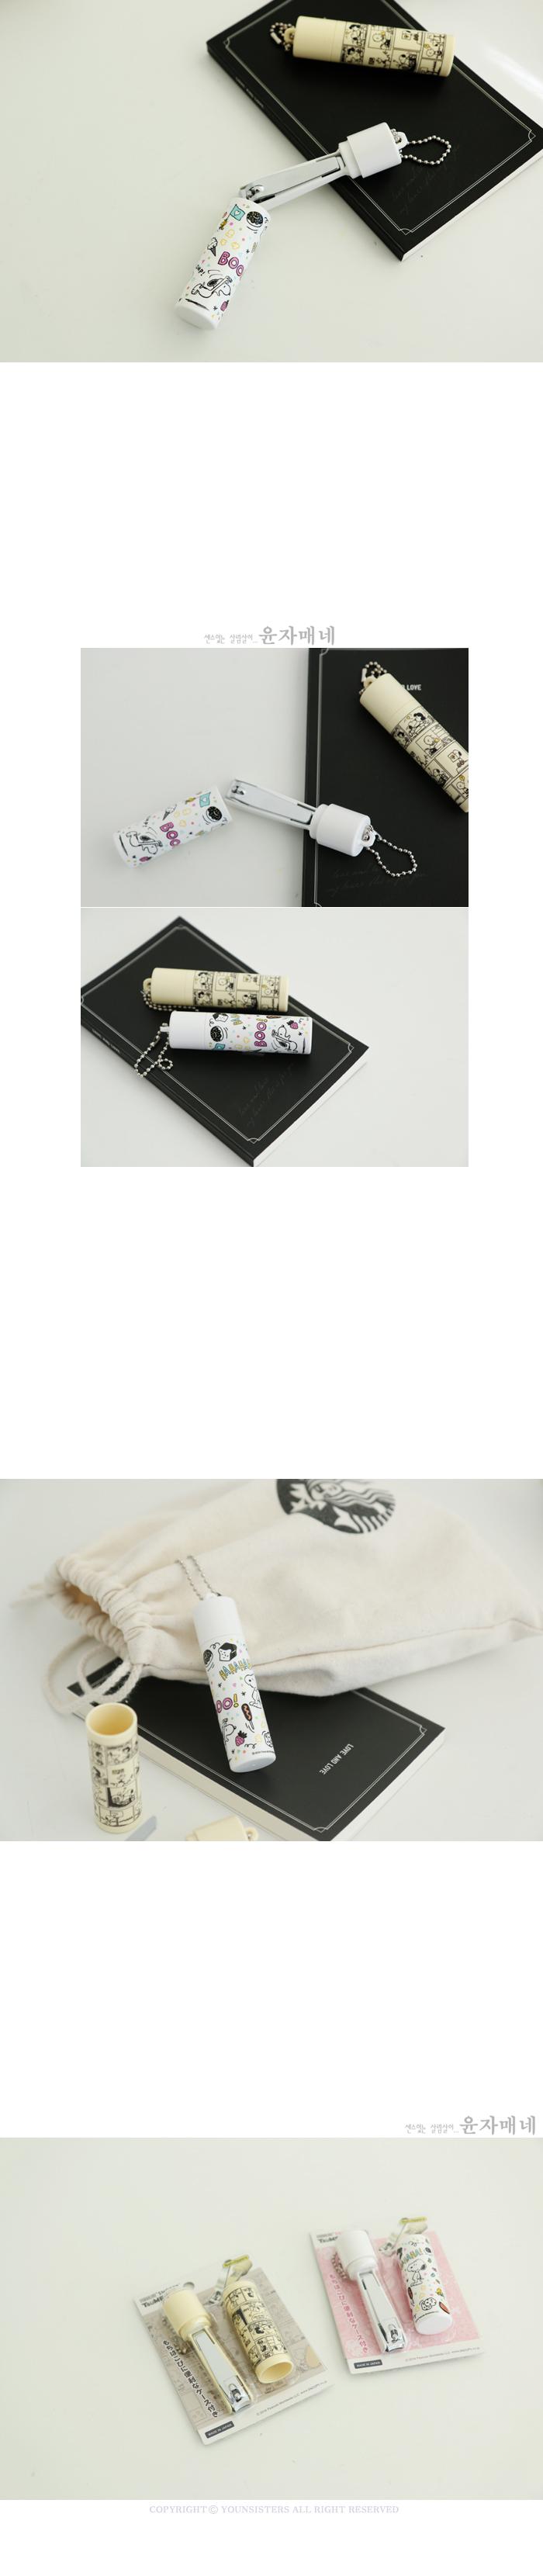 스누피캐릭터손톱깎이(2type) - 윤자매네, 21,000원, 네일, 관리도구